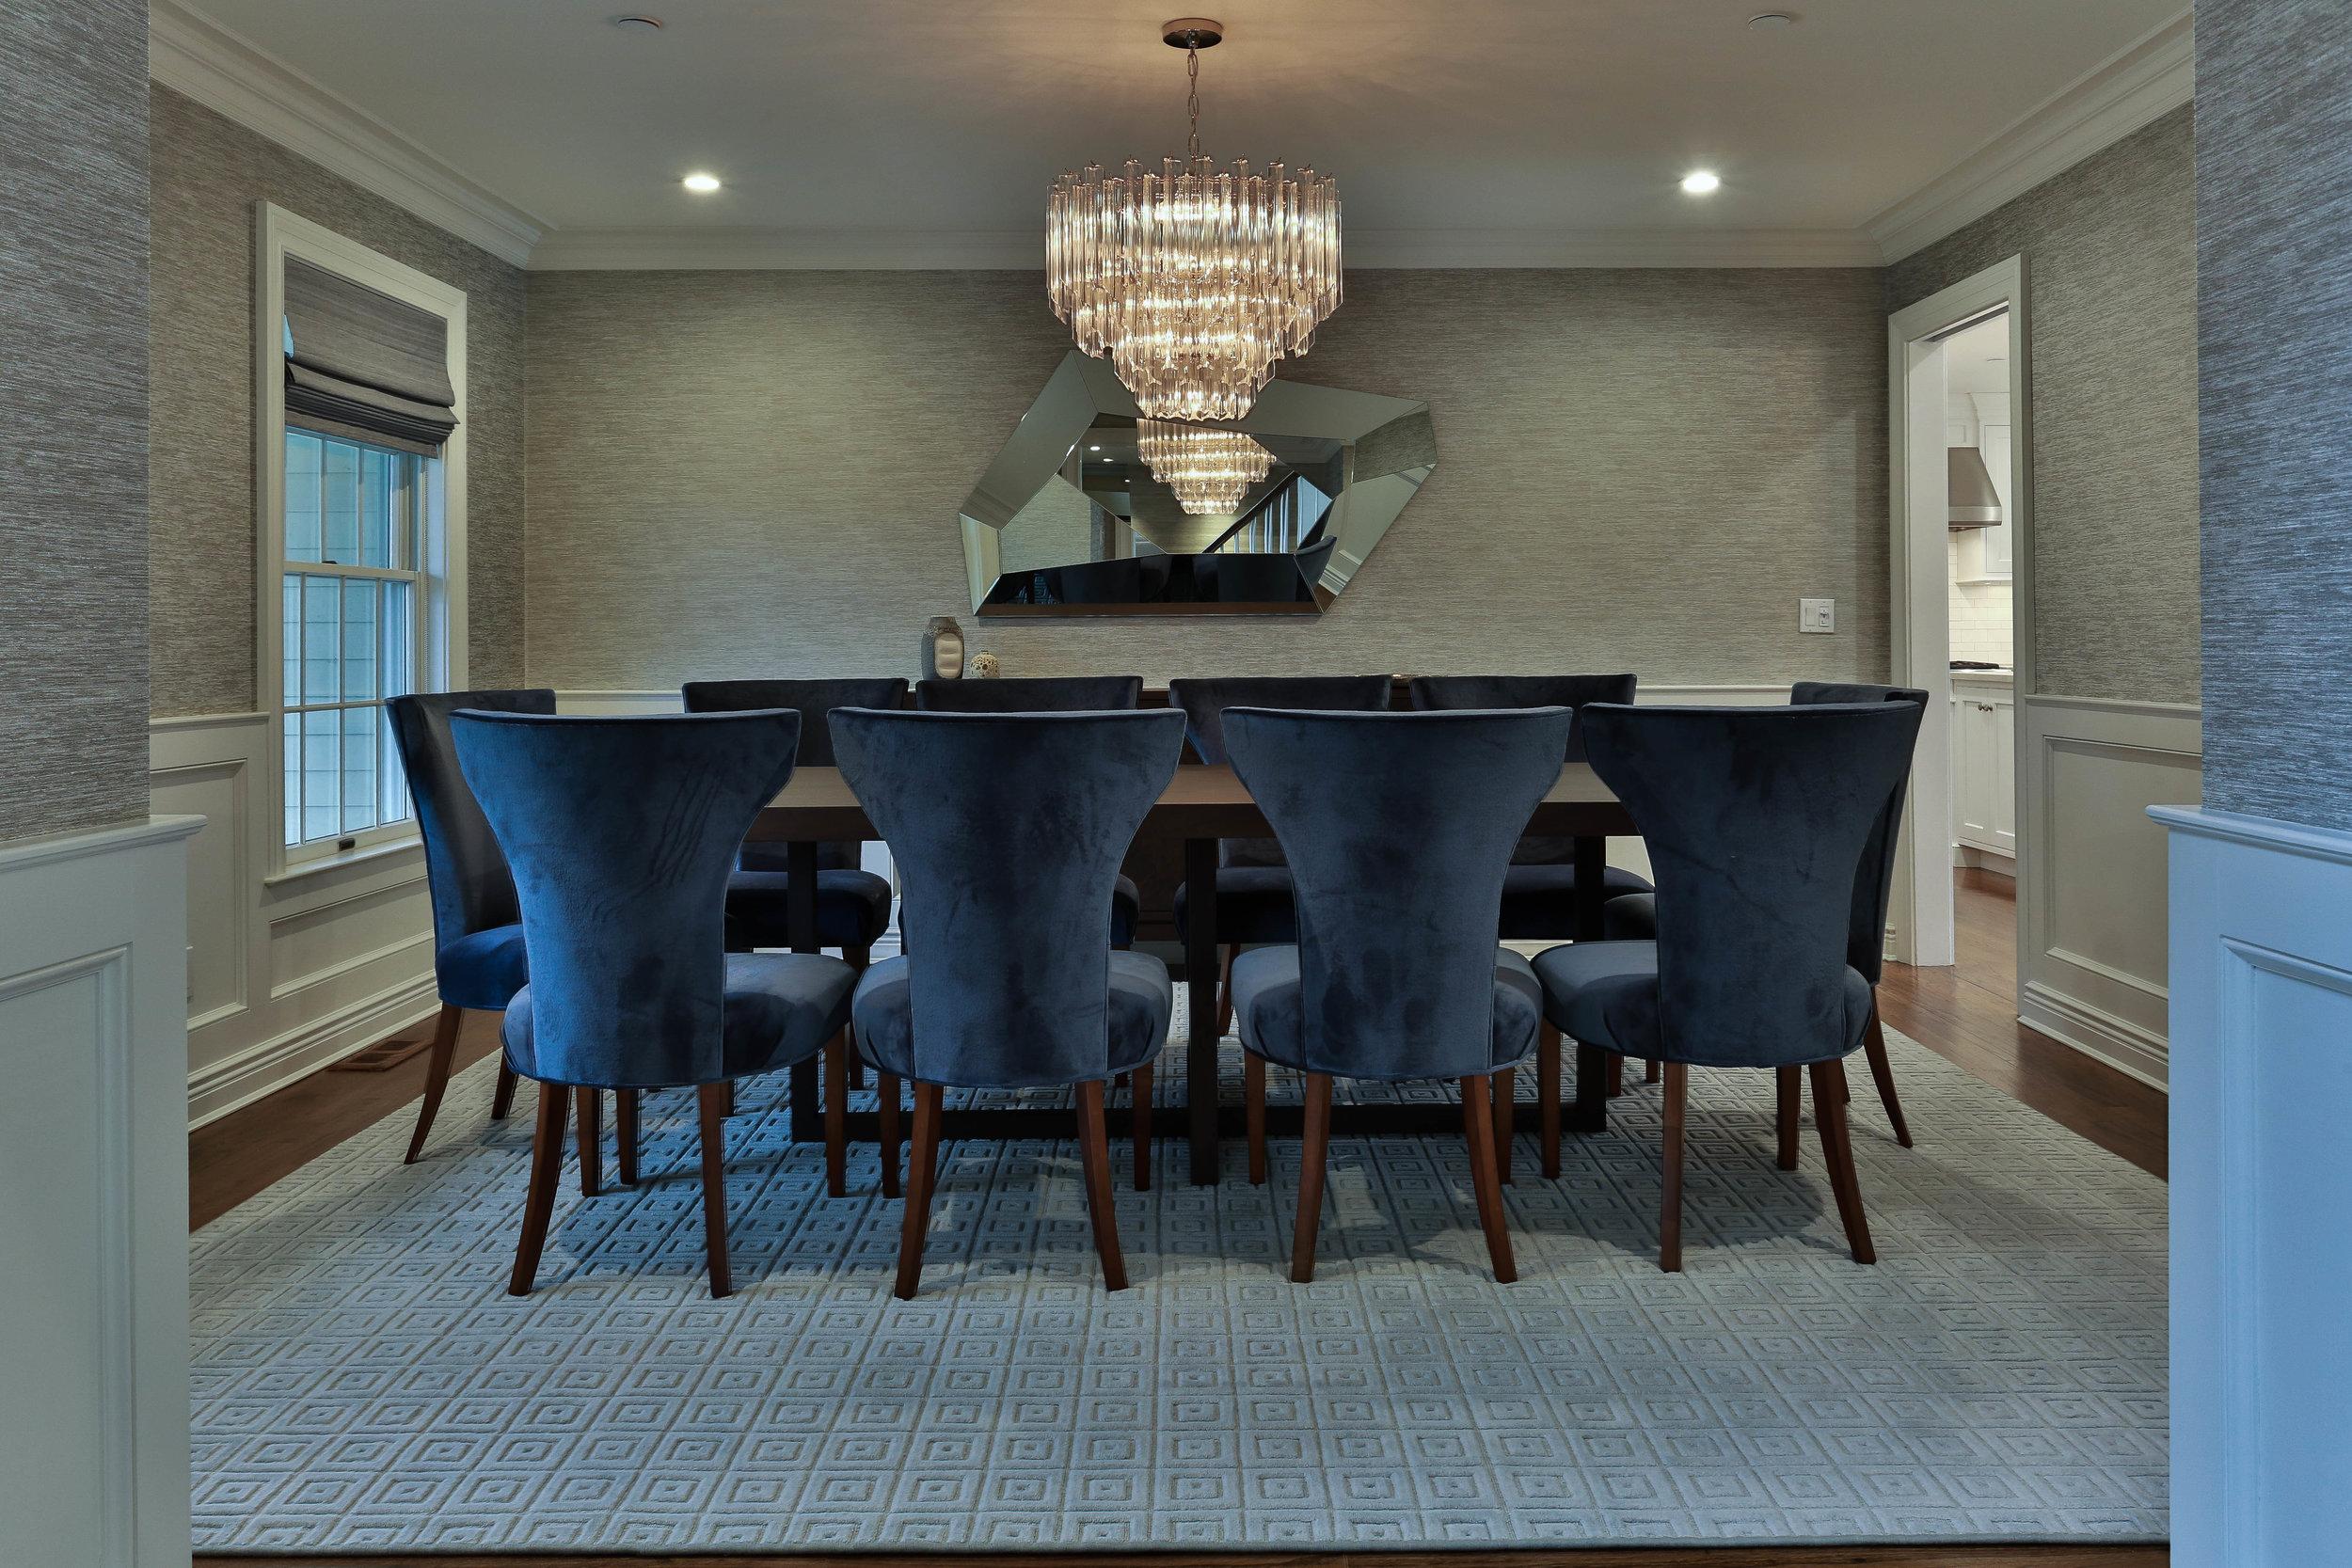 4-Dining Room (10 of 27).jpg